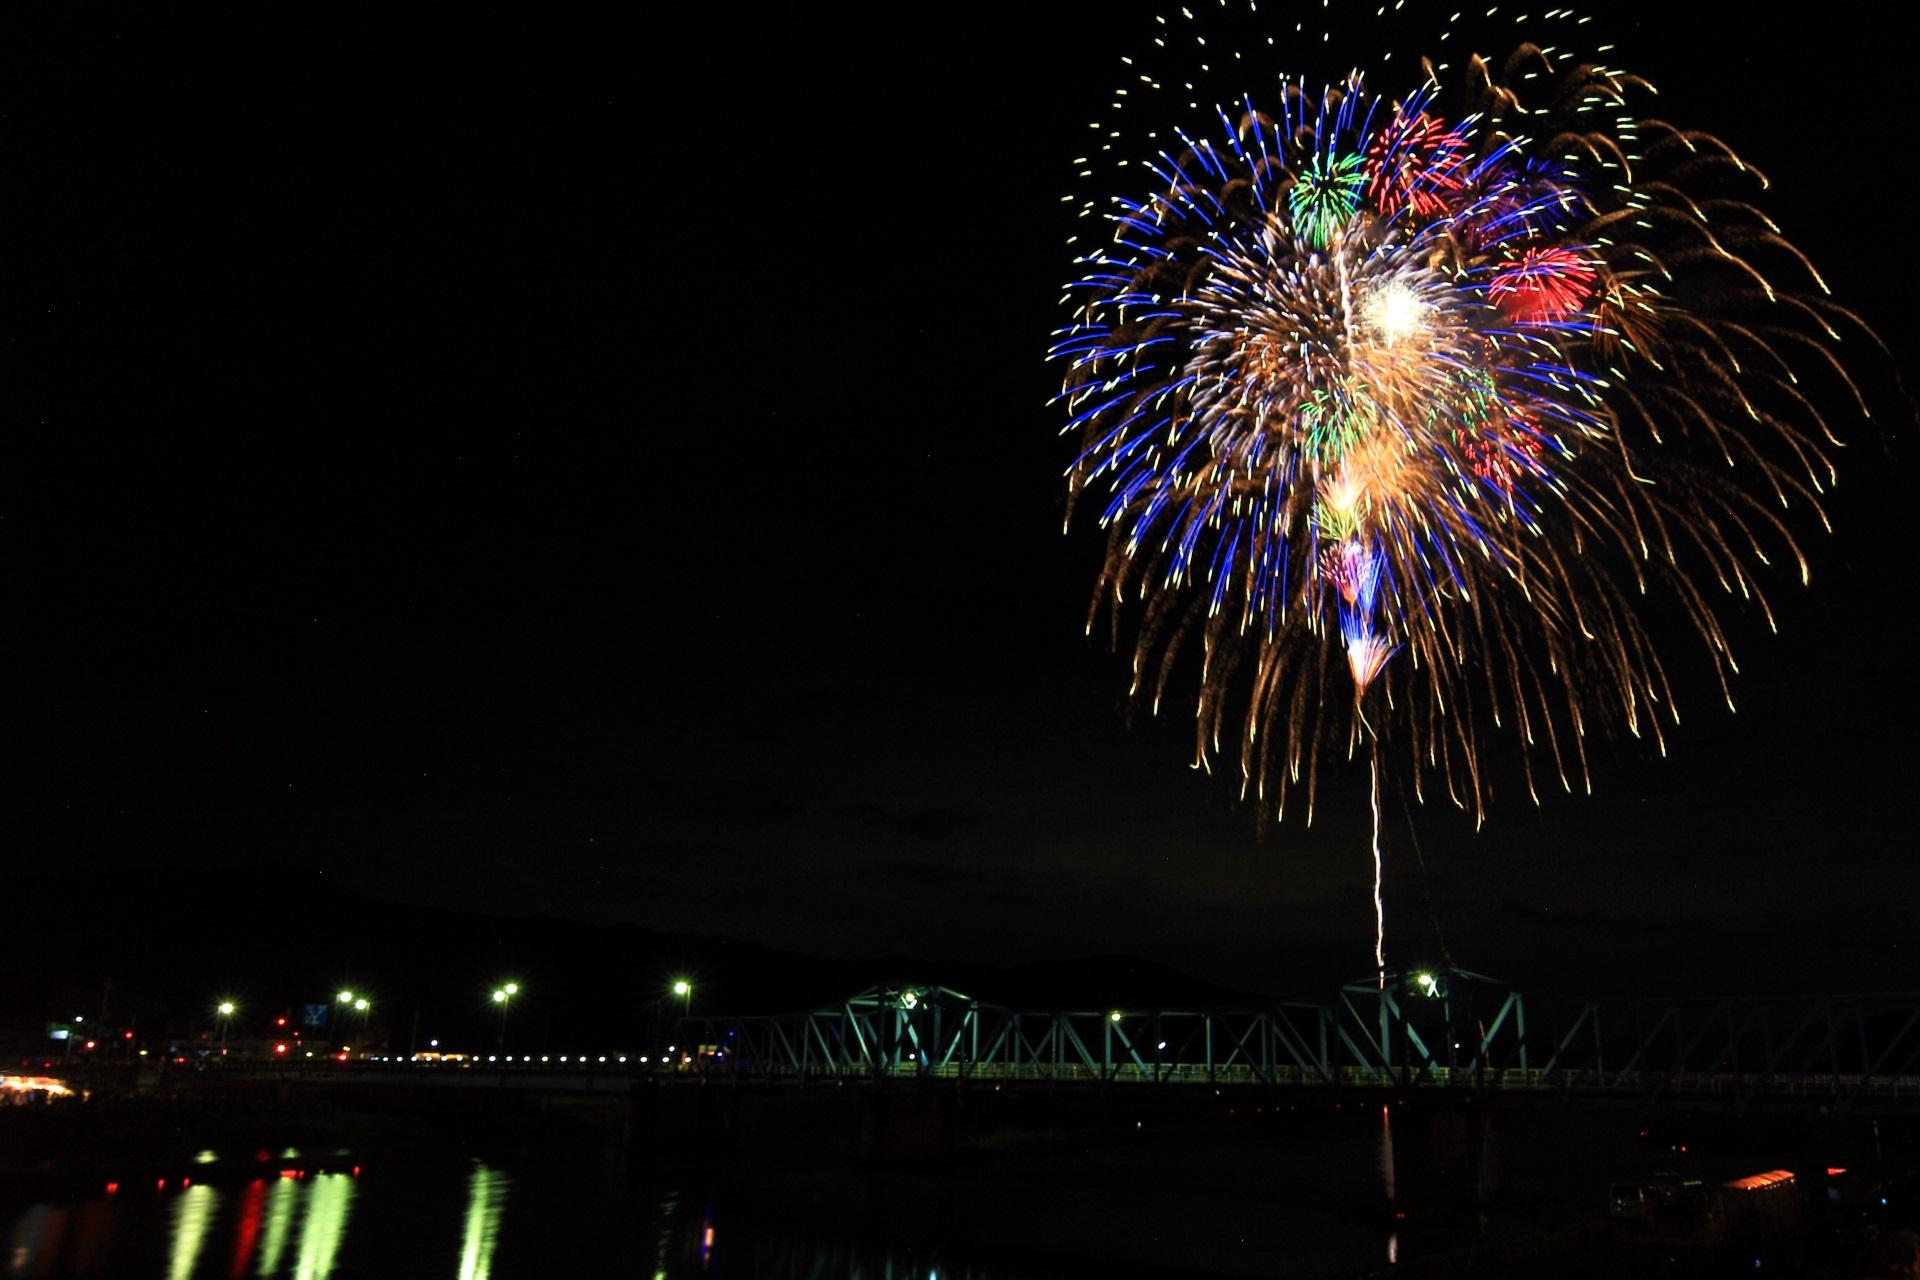 夜空と橋を彩る色とりどりの花火